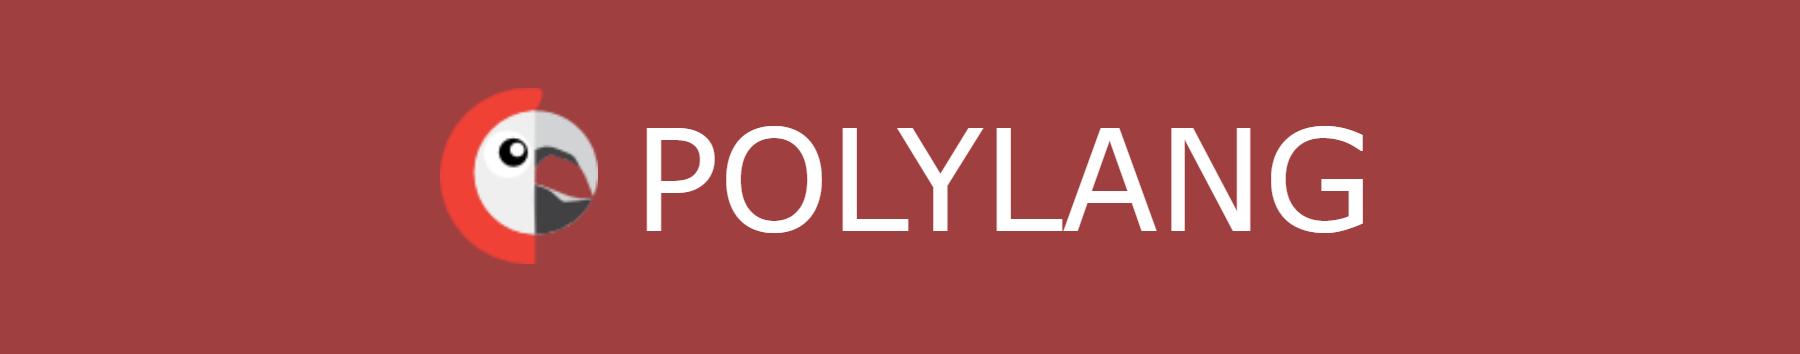 """Logo polylangového viacjazyčného doplnku """"width ="""" 1800 """"height ="""" 354"""